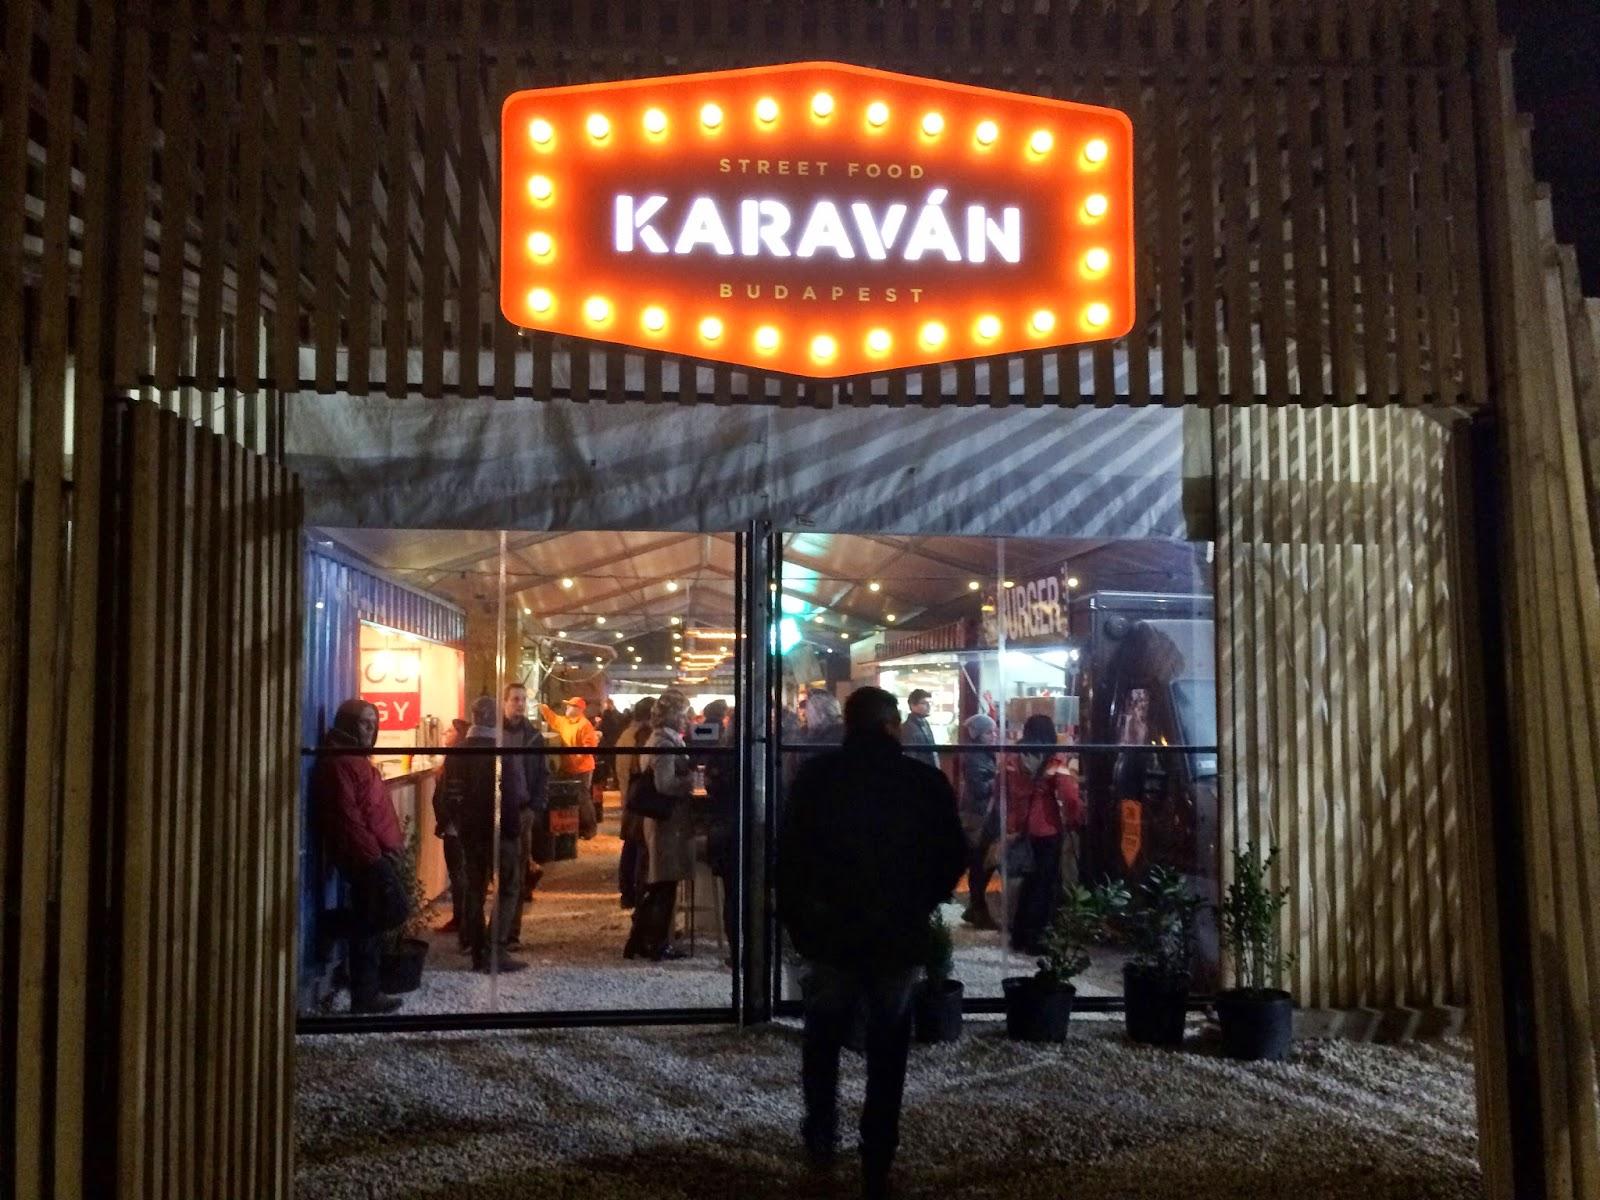 Karavan Street Food - Budapest